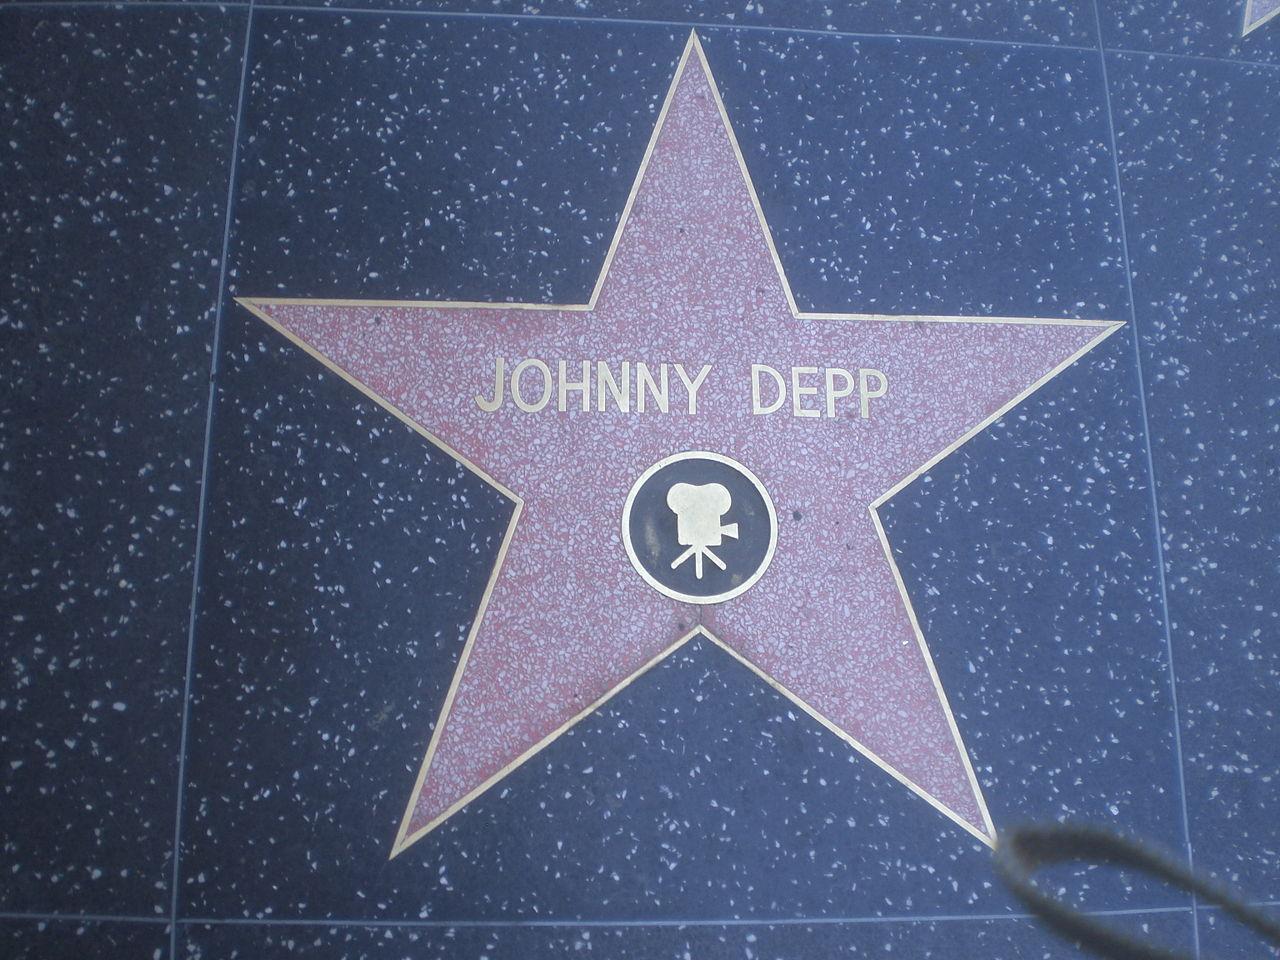 ملف:Johnny Depp Hollywood Star.jpg - ويكيبيديا